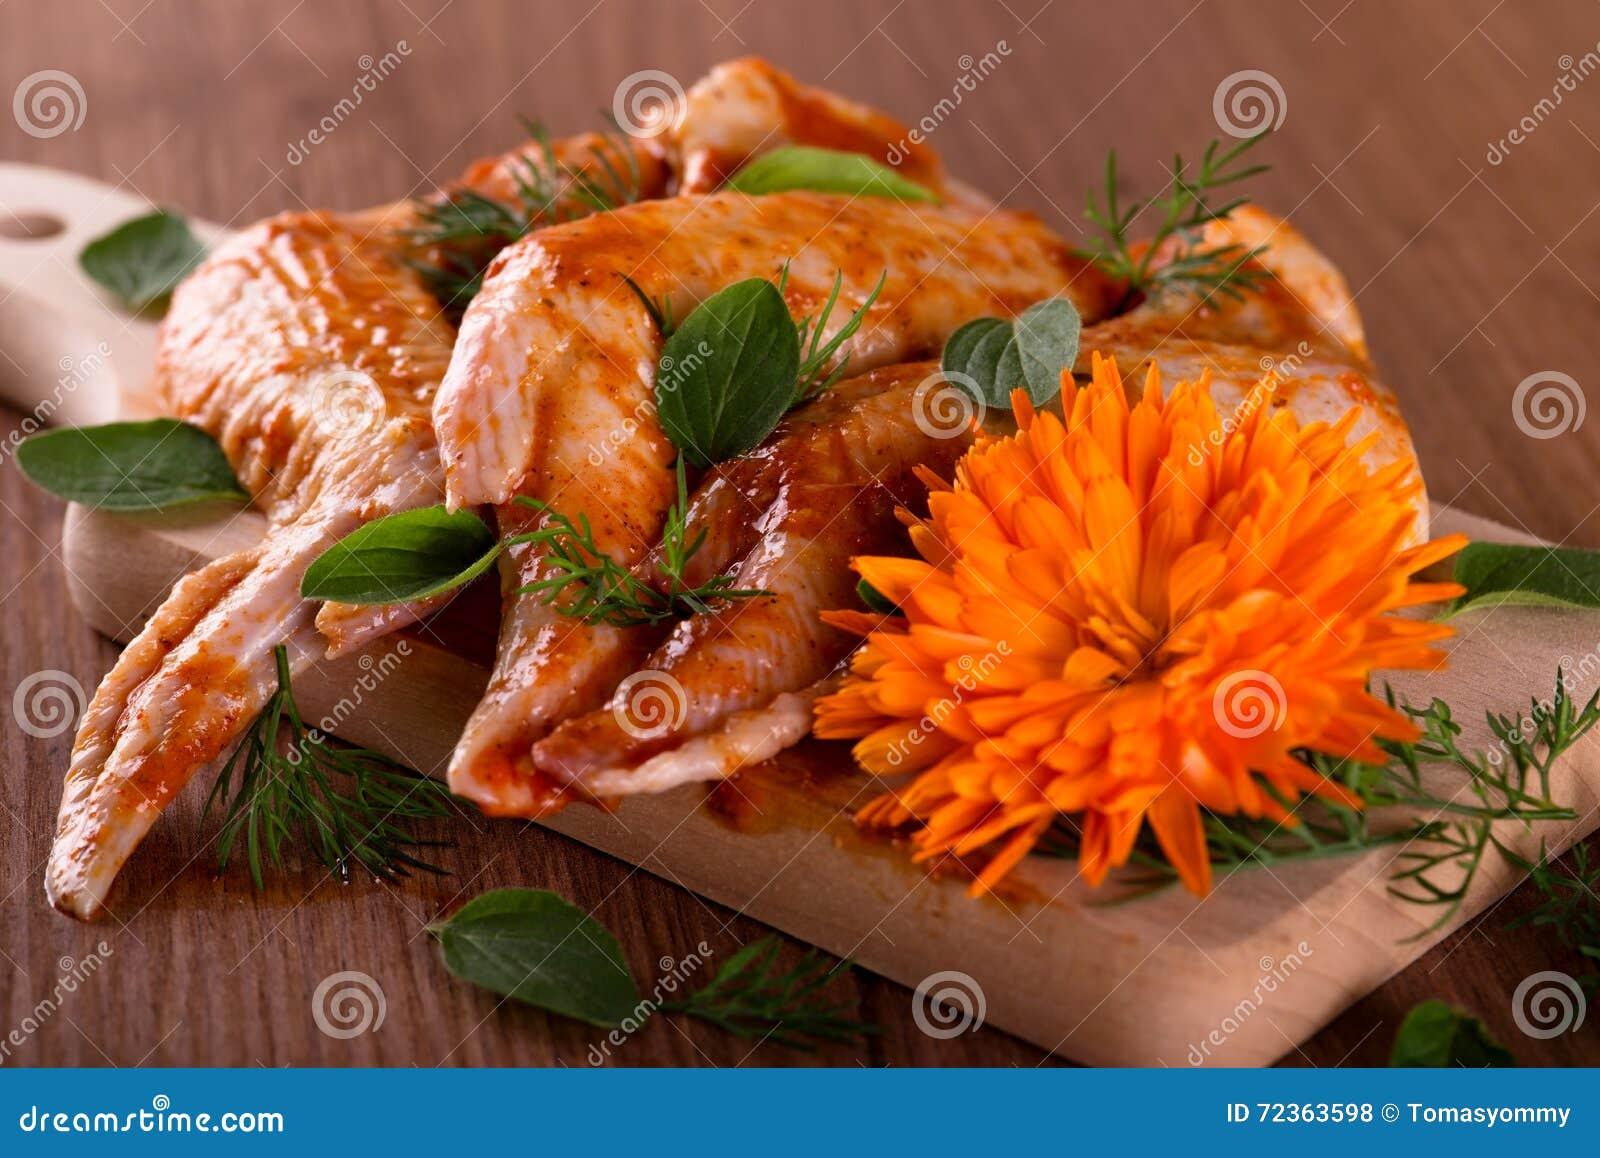 三用了卤汁泡有万寿菊的鸡翼在木板